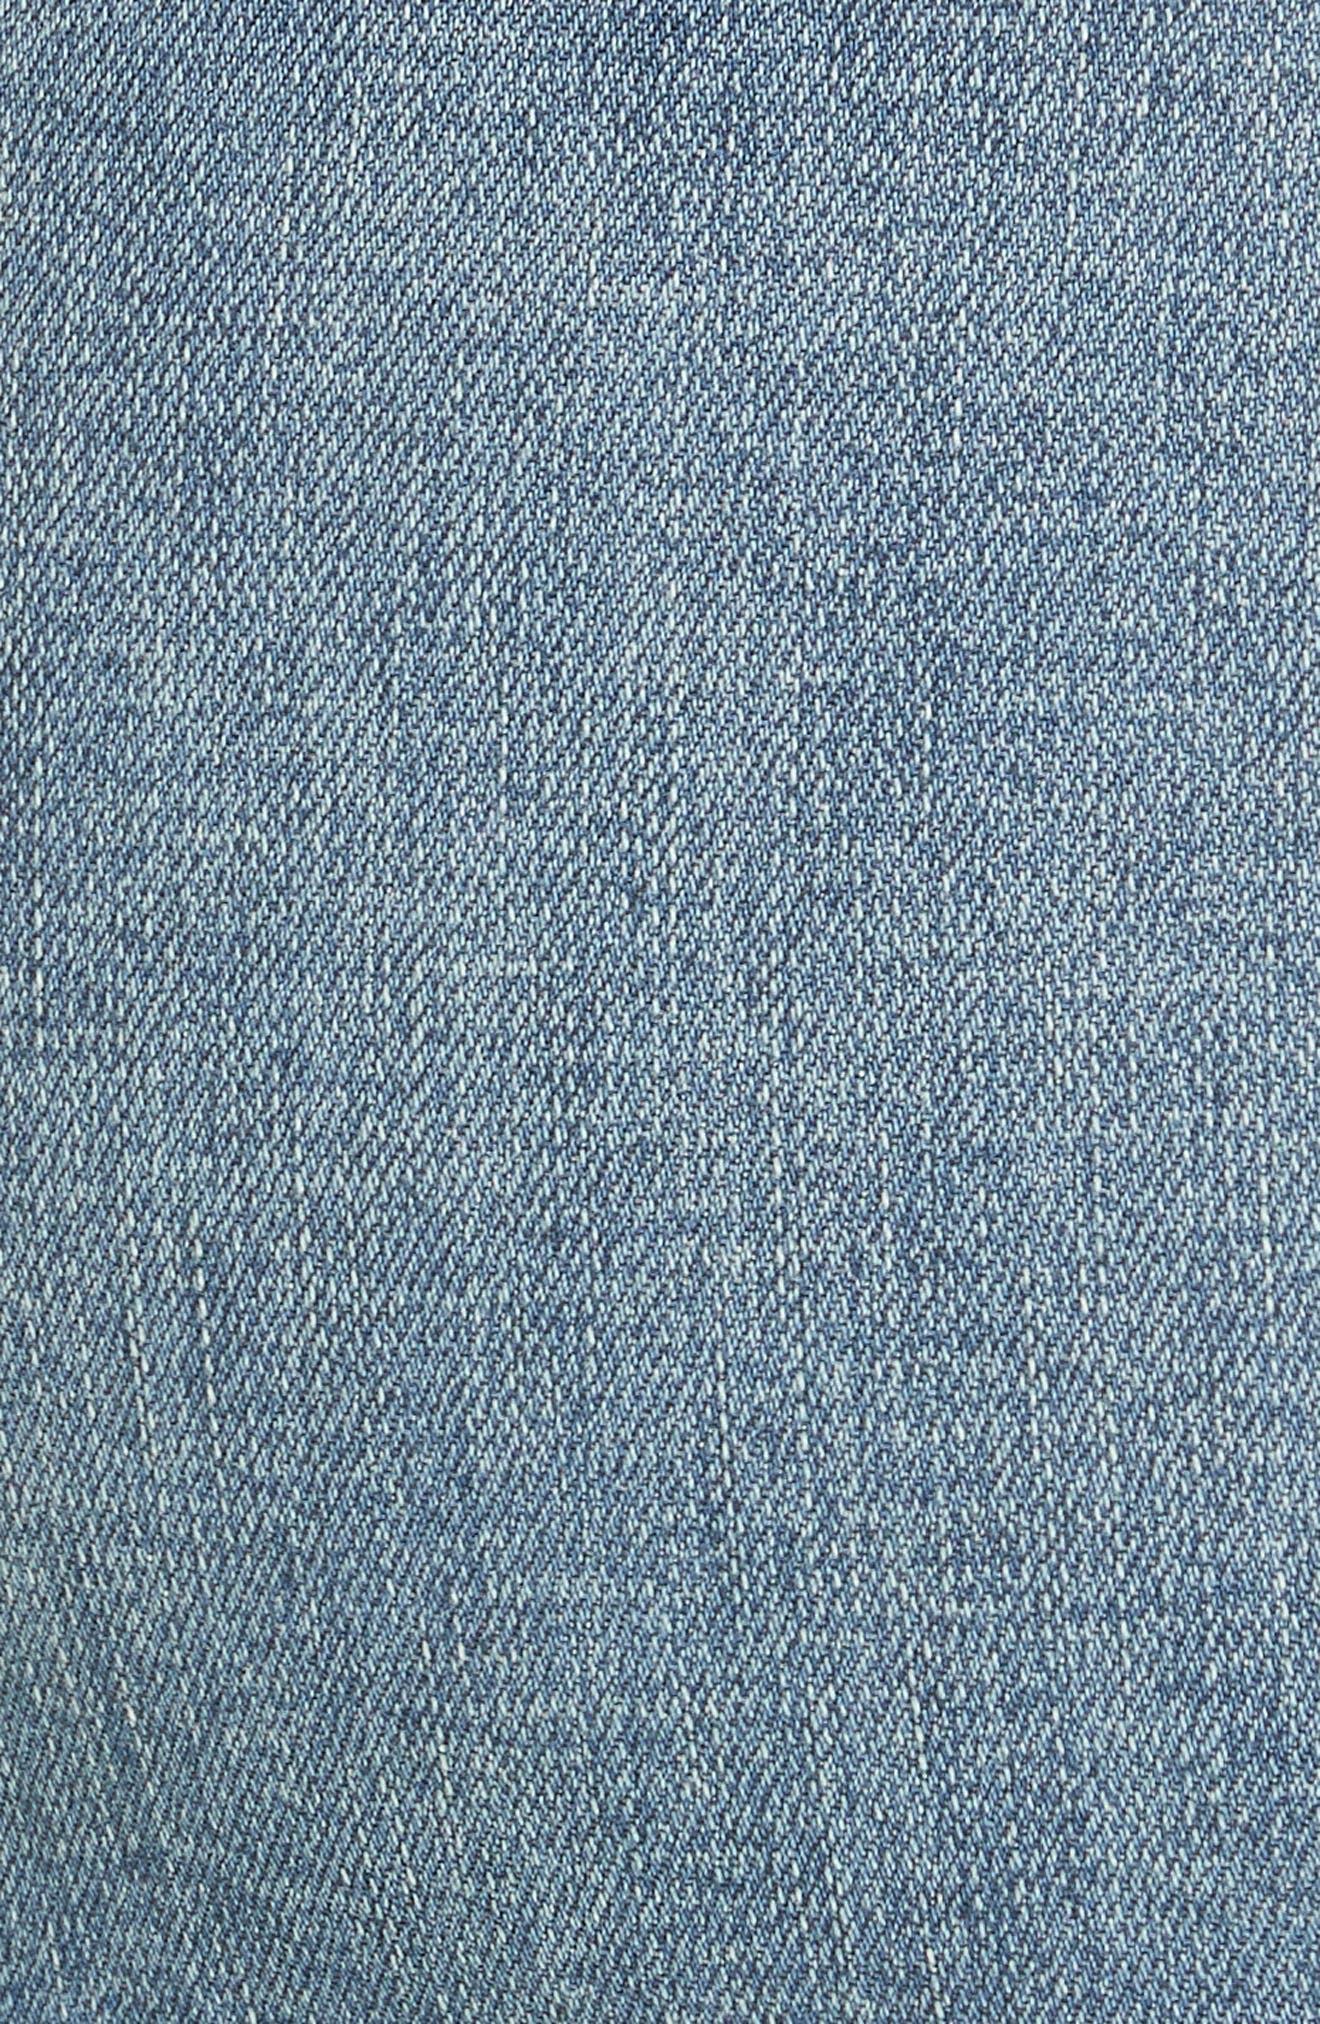 She's All That Denim Miniskirt,                             Alternate thumbnail 6, color,                             DENIM BLUE